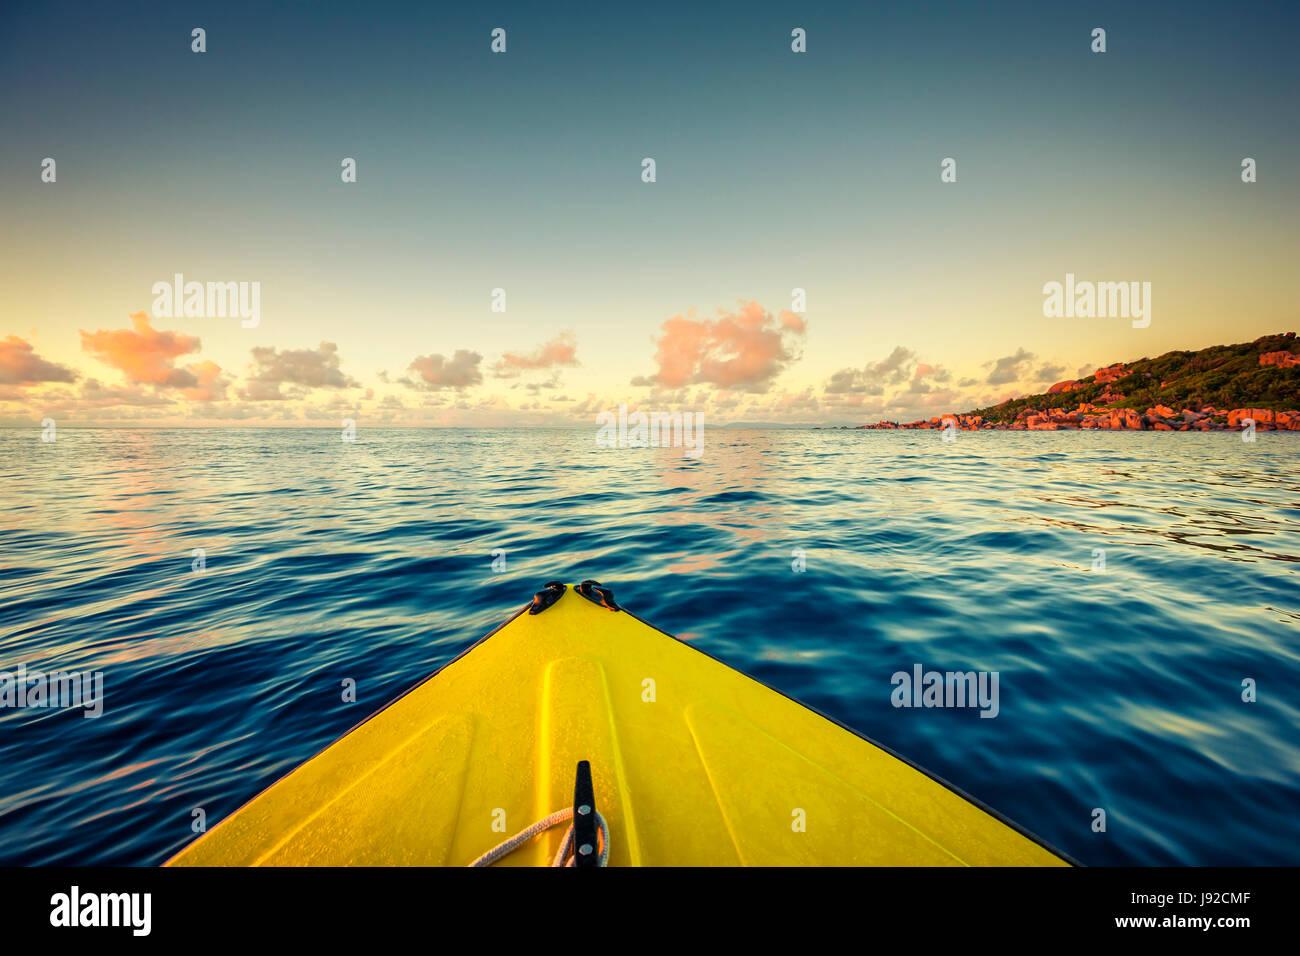 Segeln auf dem gelben Boot in der Nähe von Seychellen, La Digue island Stockfoto